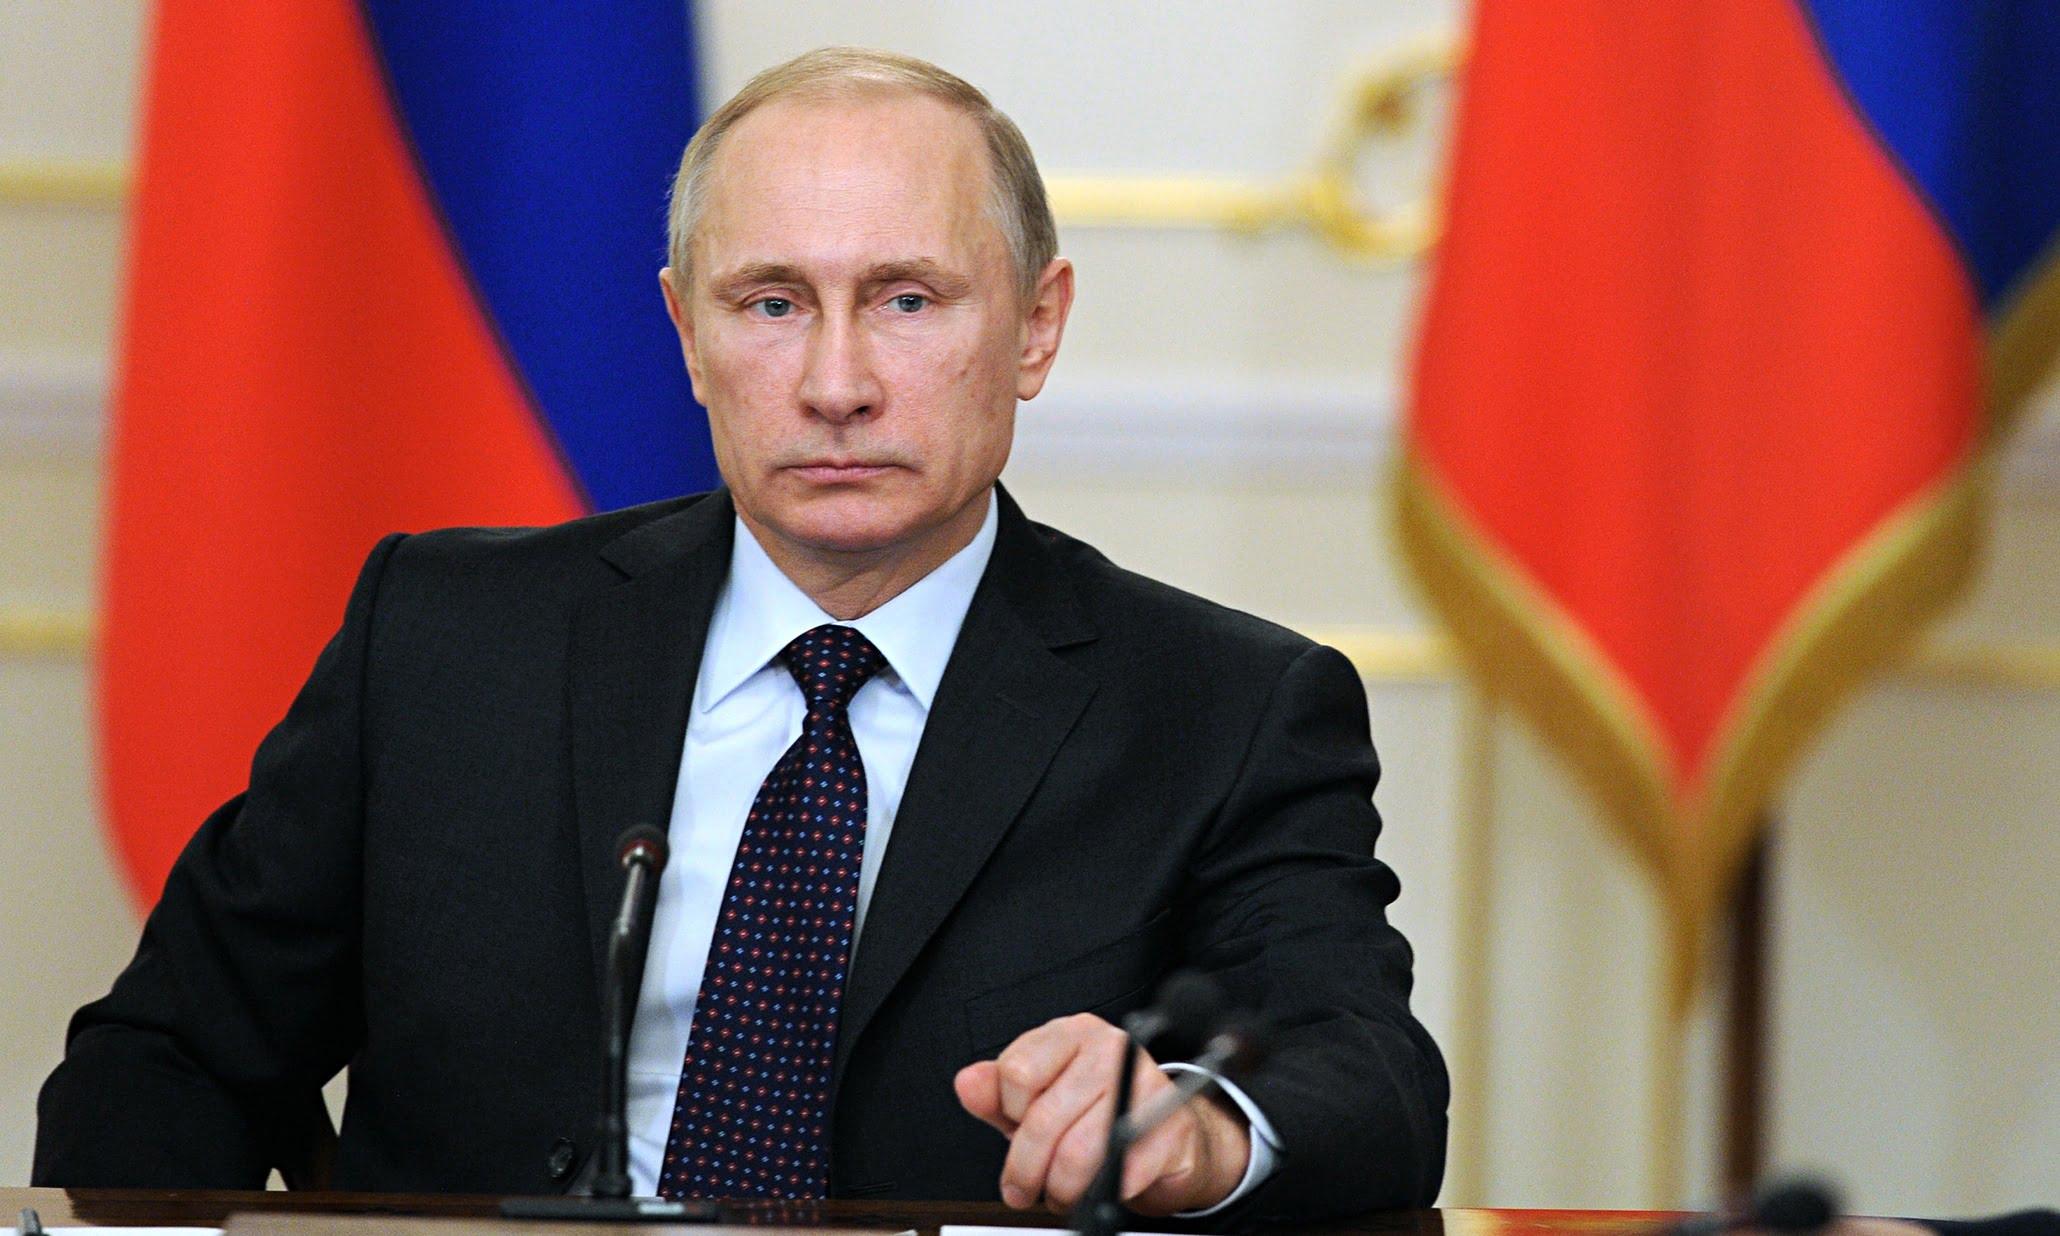 Ο Πούτιν πιστεύει ότι δεν υπάρχουν φίλοι στη διακρατική πολιτική